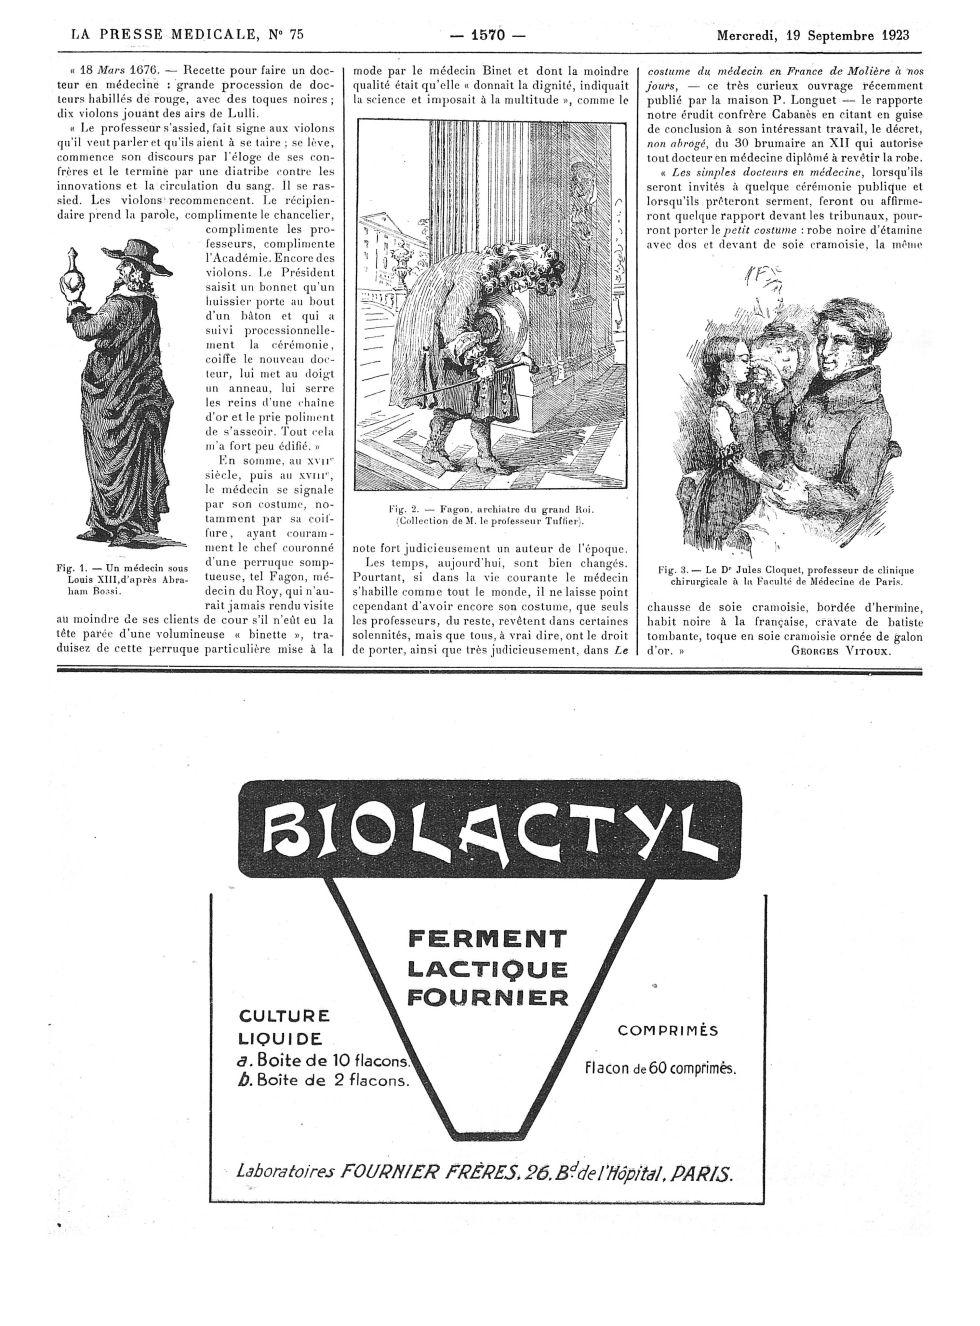 Fig. 1. Un médecin sous Louis XIII, d'après Abraham Bossi / Fig. 2. Fagon, archiatre du grand Roi (C [...] -  - med100000x1923xannexesx1570